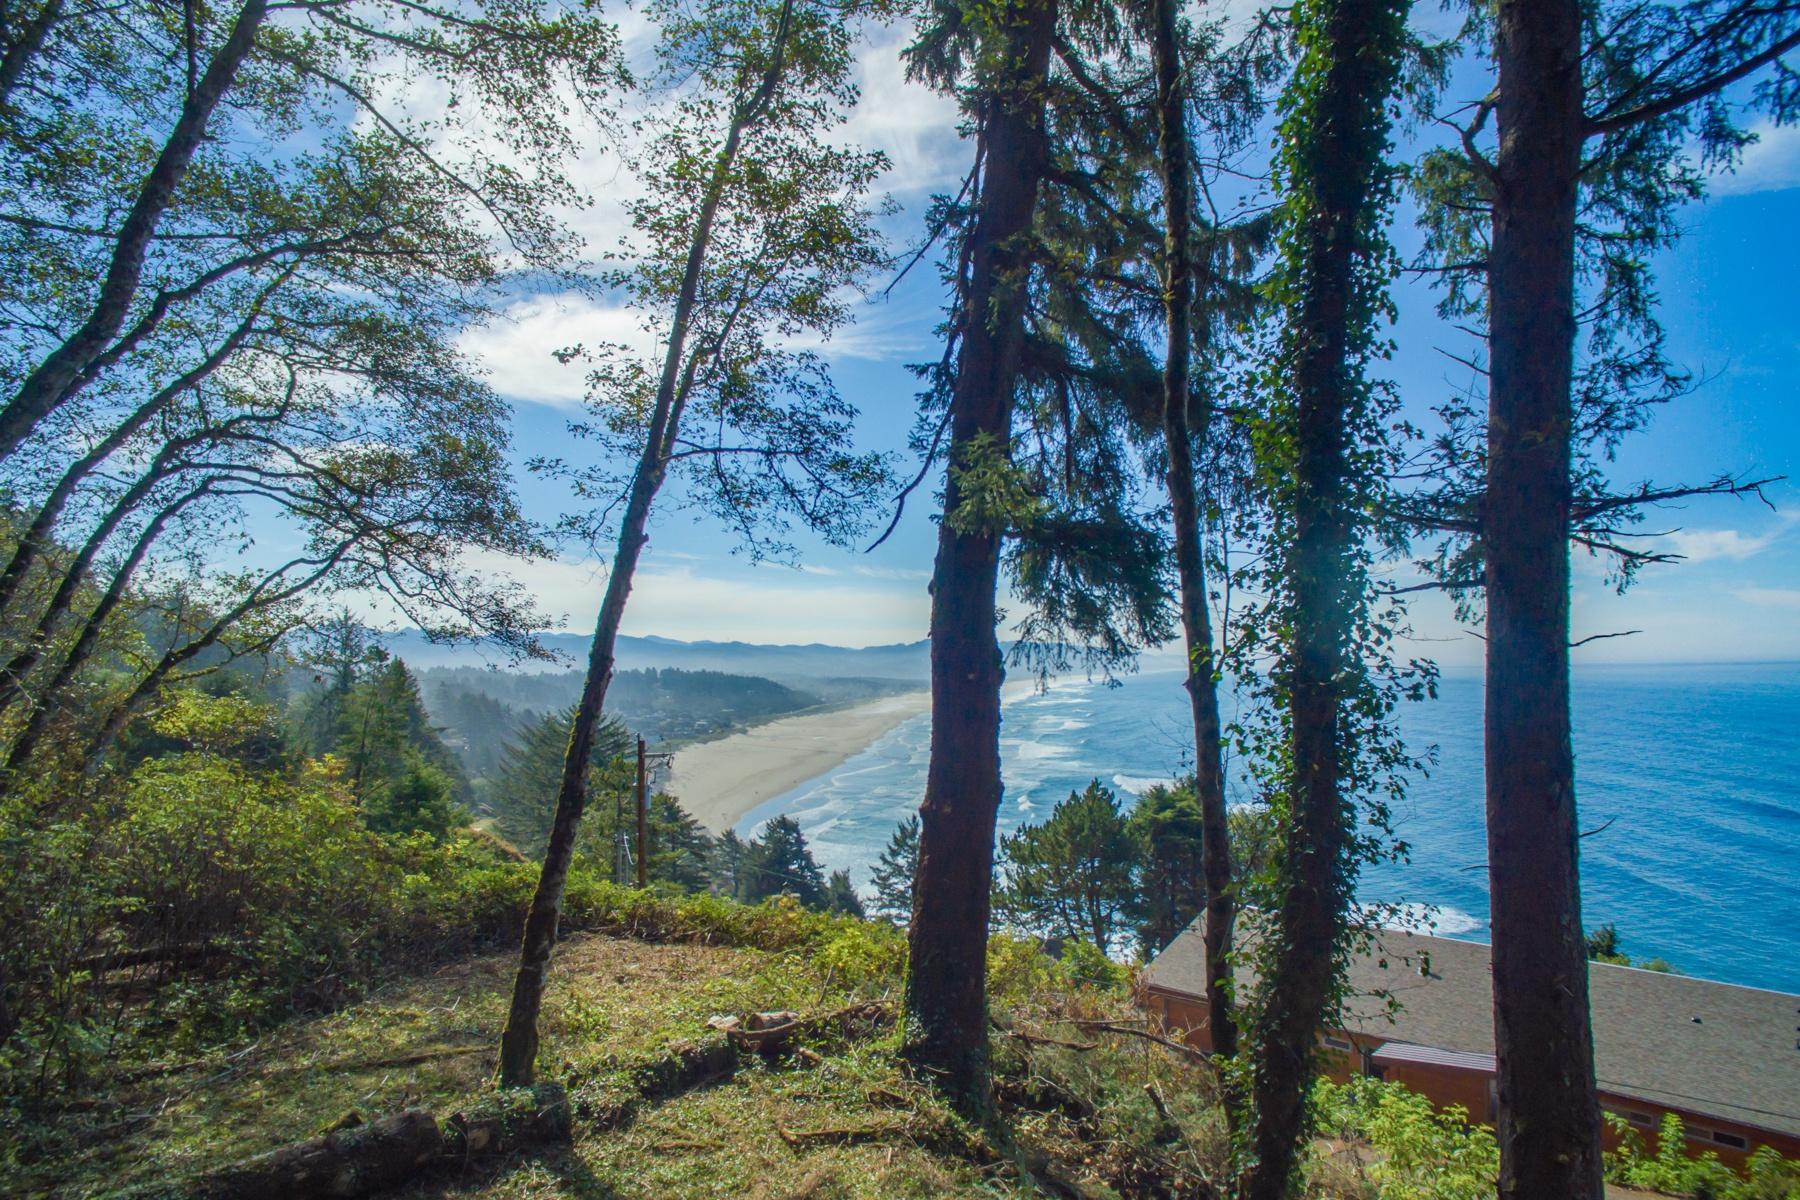 Đất đai vì Bán tại 38625 BEULAH REED RD, MANZANITA, OR Manzanita, Oregon 97130 Hoa Kỳ